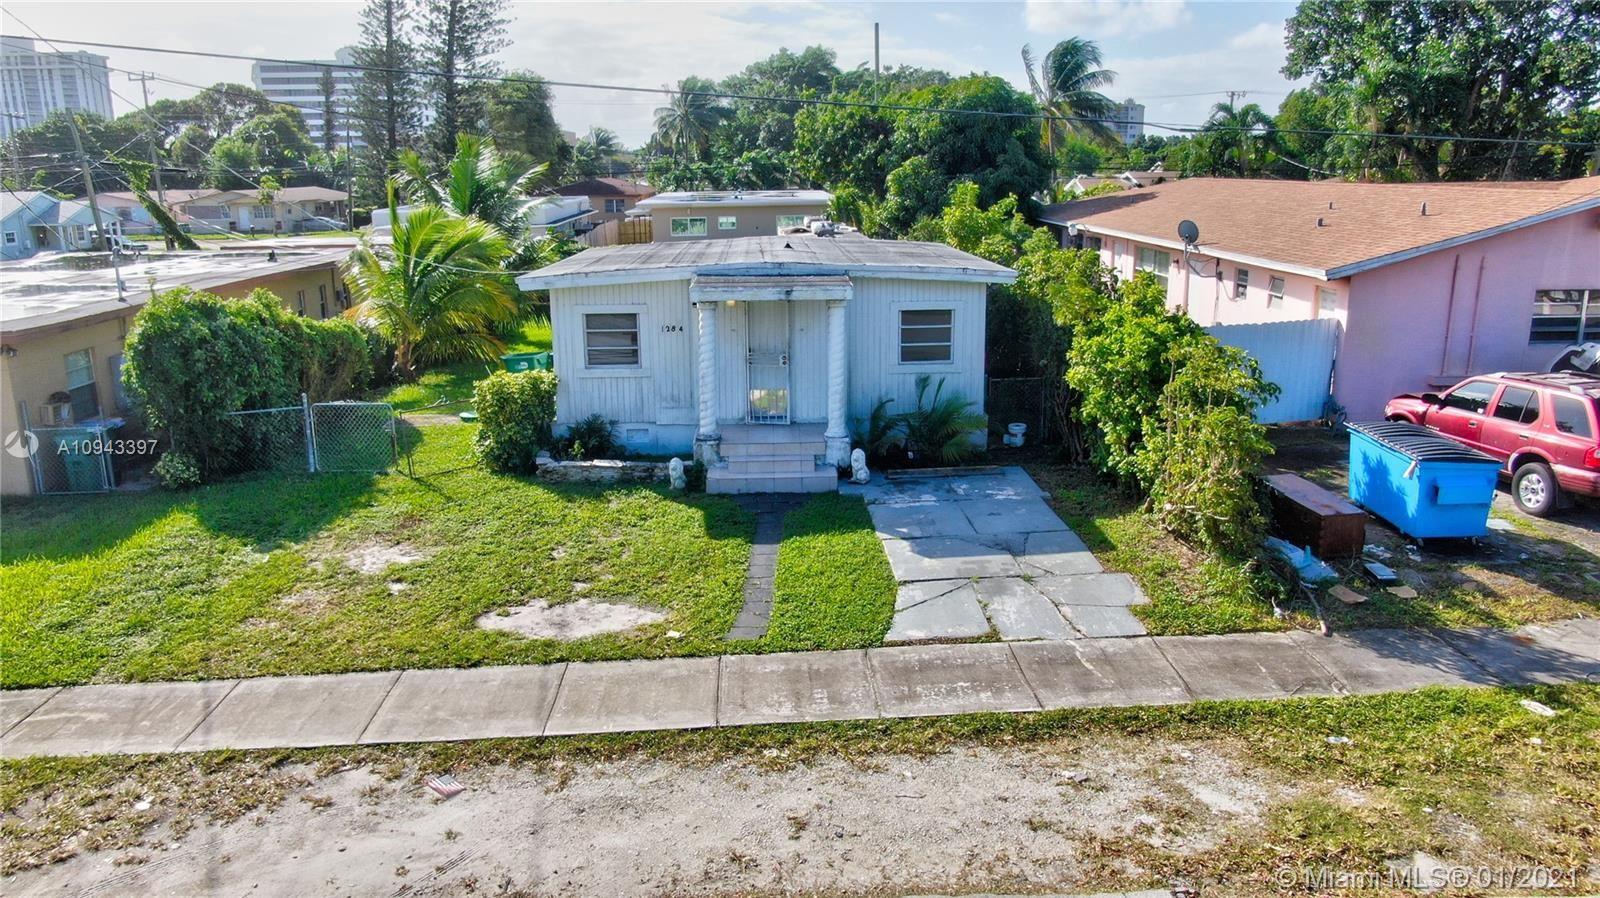 1284 NE 111th St, Miami, FL 33161 - #: A10943397